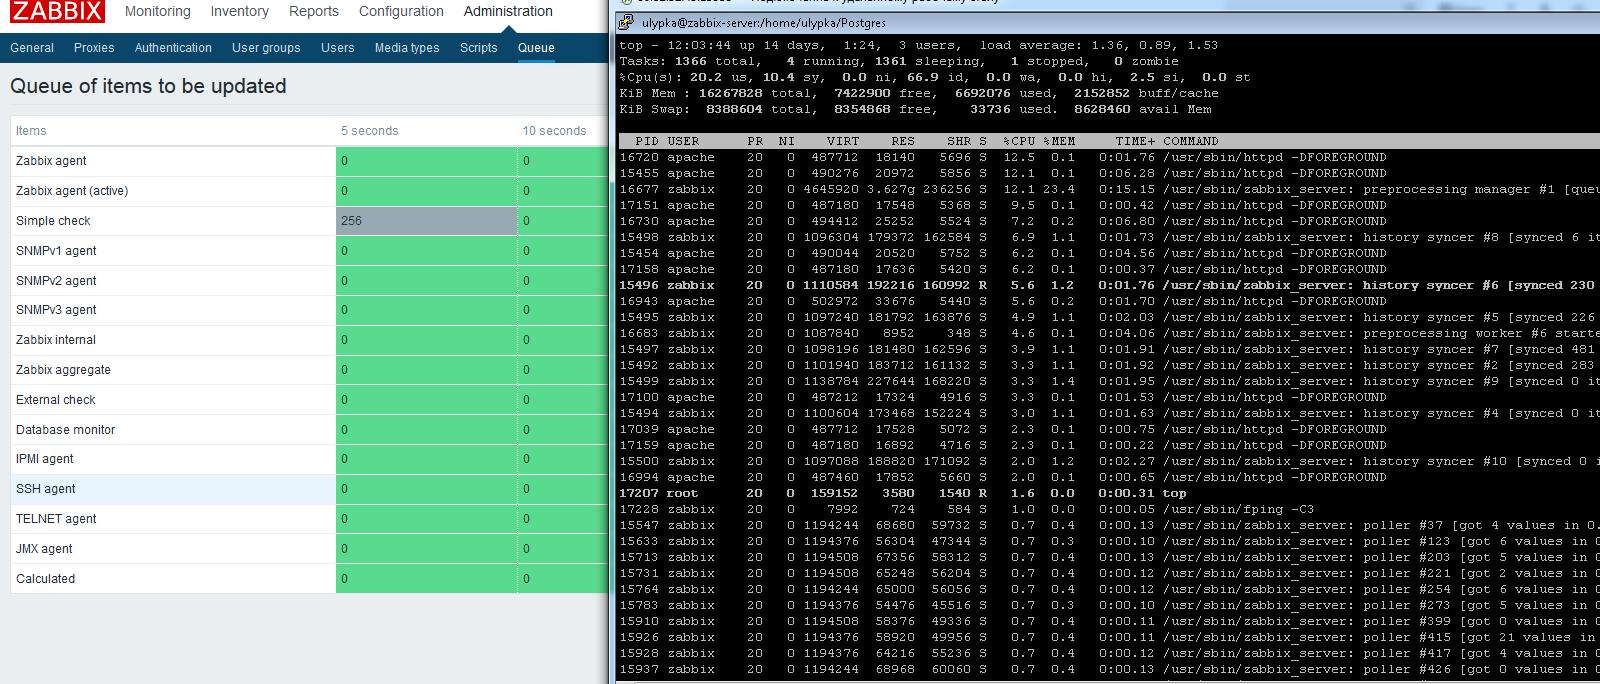 ZBX-12791] zabbix_server: preprocessing manager #1 cpu 100